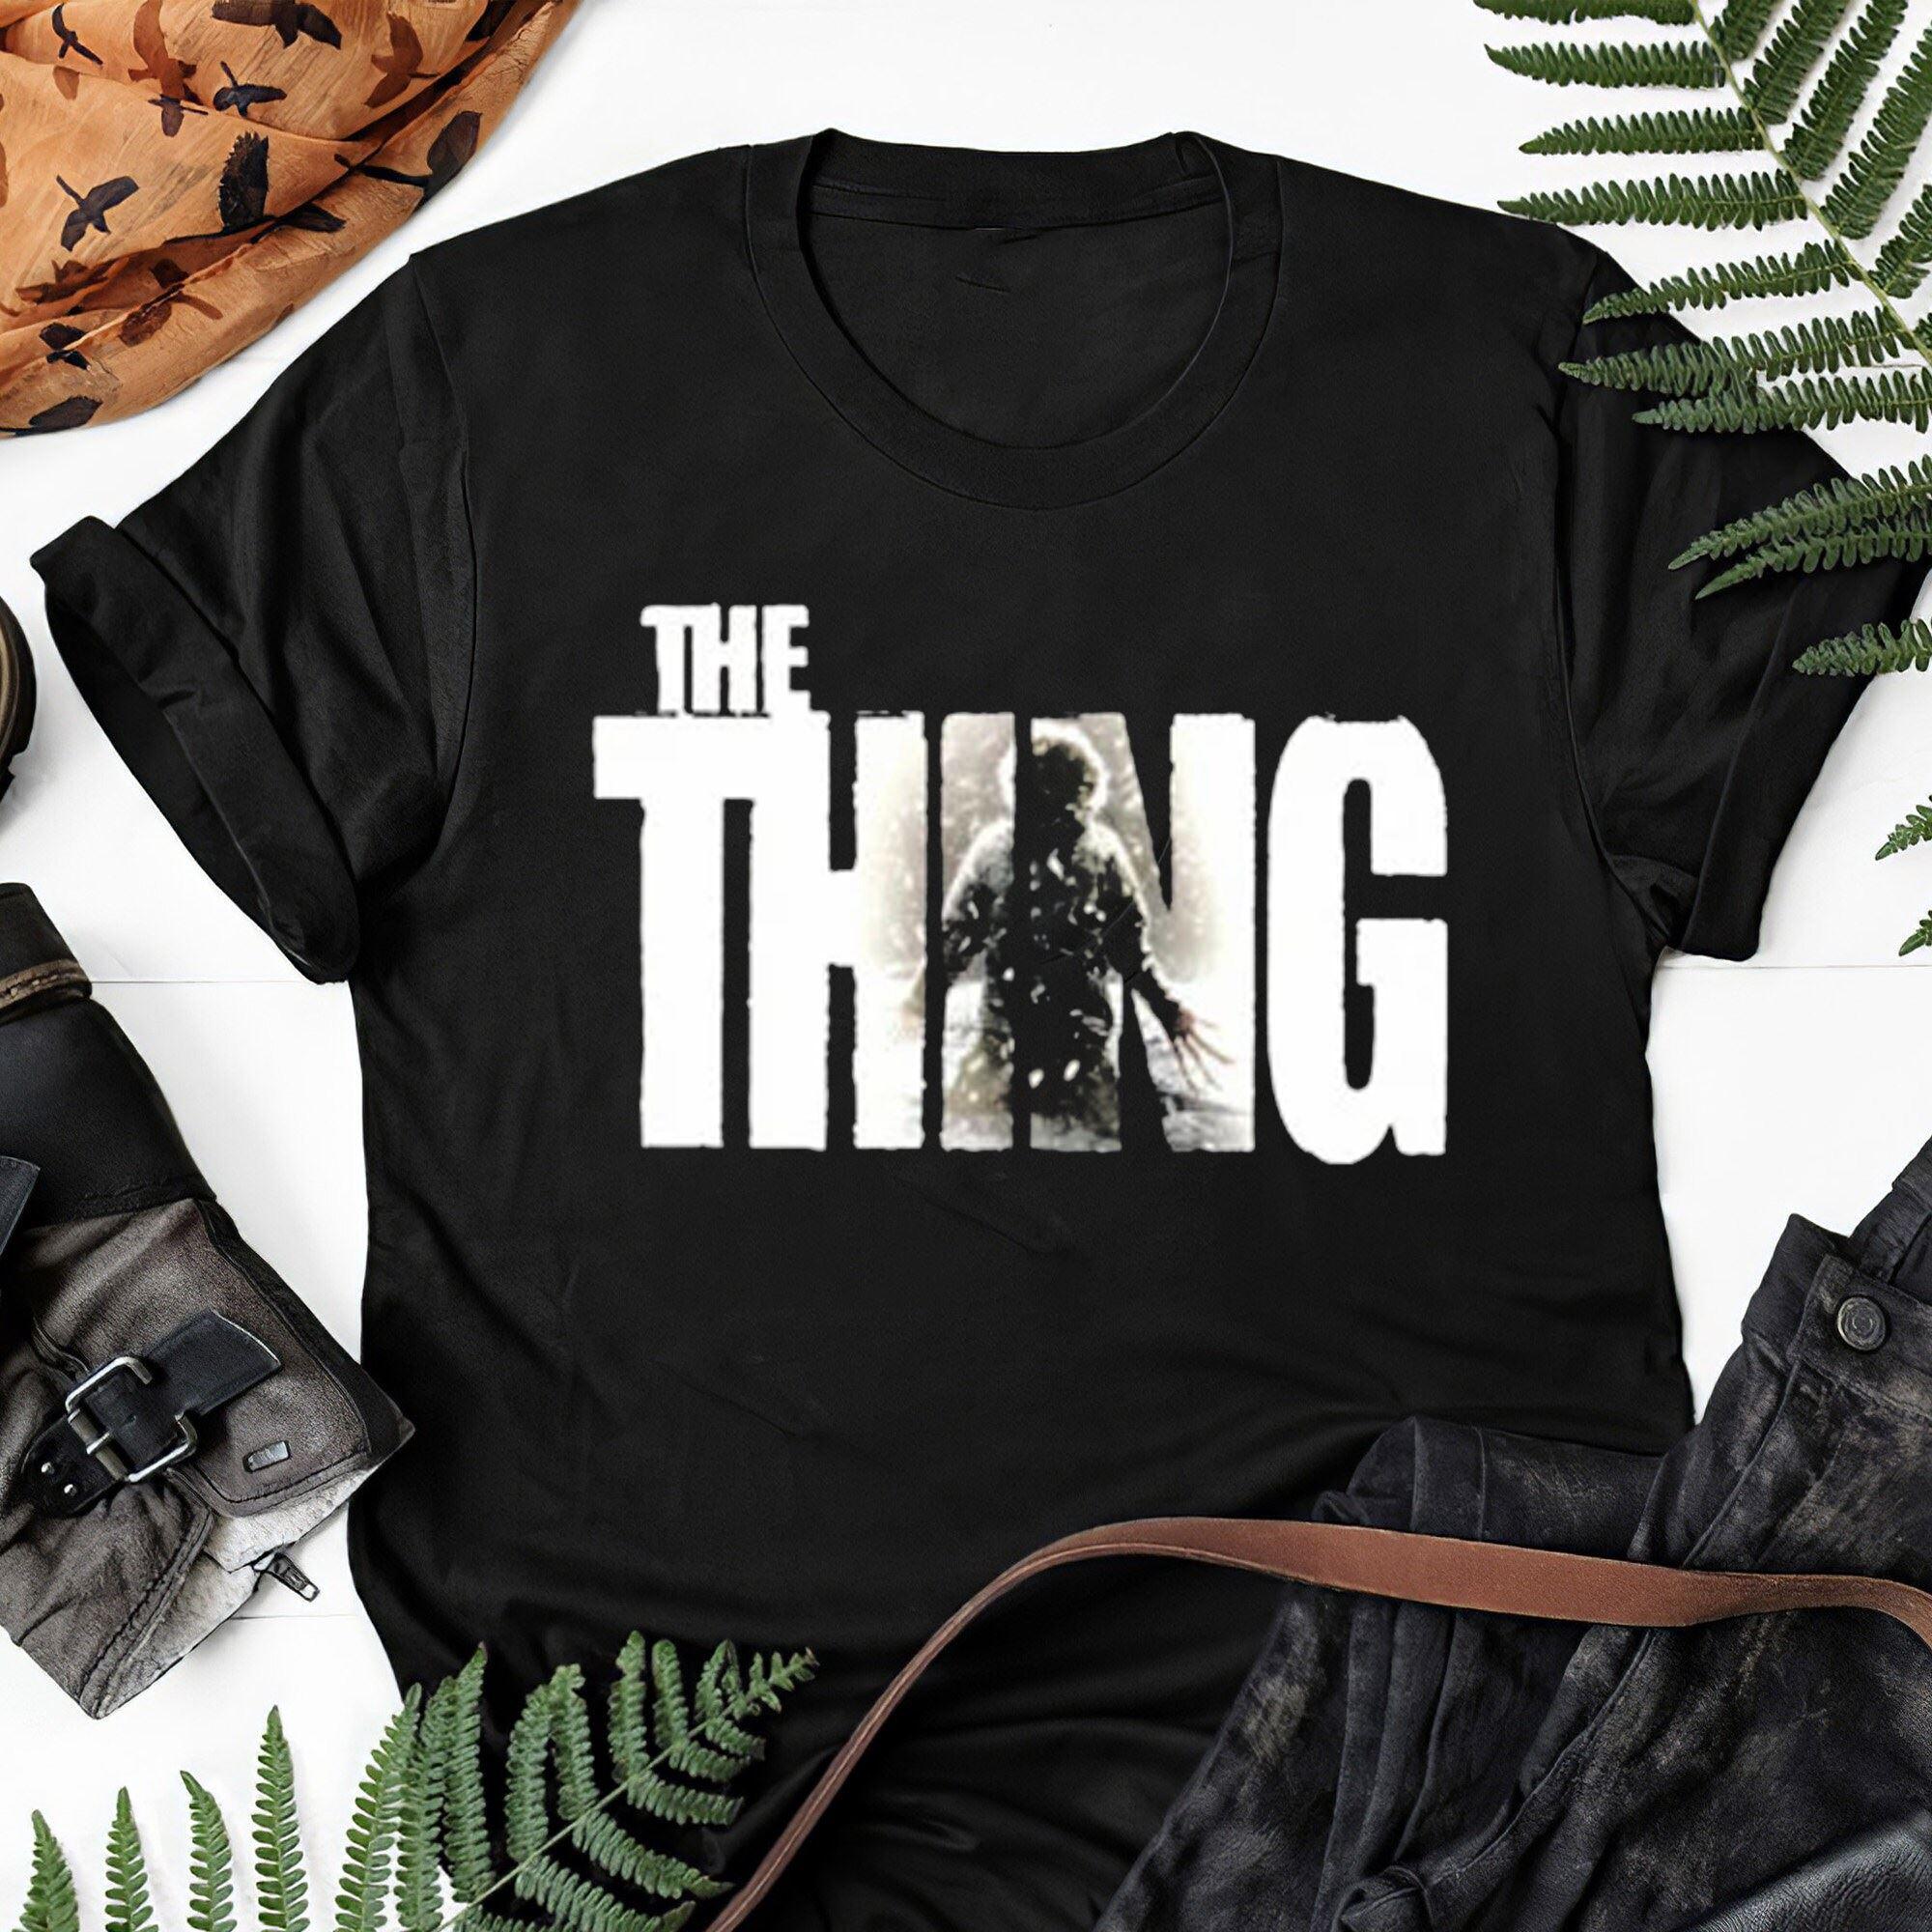 The Thing Classic Horror Movie 80s John Carpenter Kurt Russell V1 T Shirt Gift Tee For Men Women Unisex T-shirt